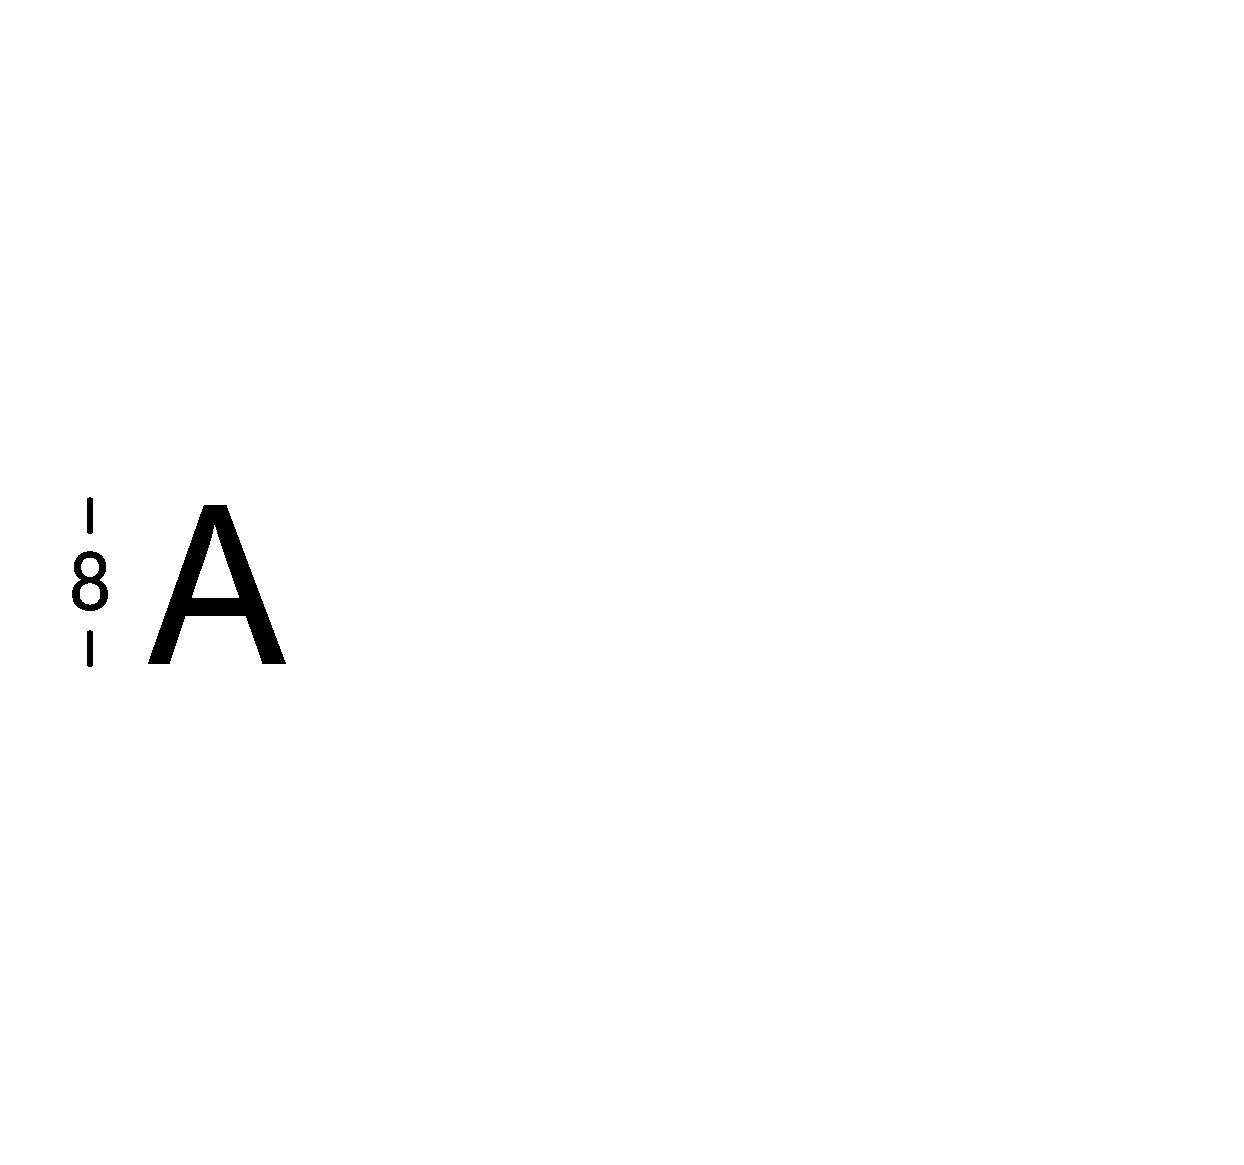 Caratteri ritagliati h8cm